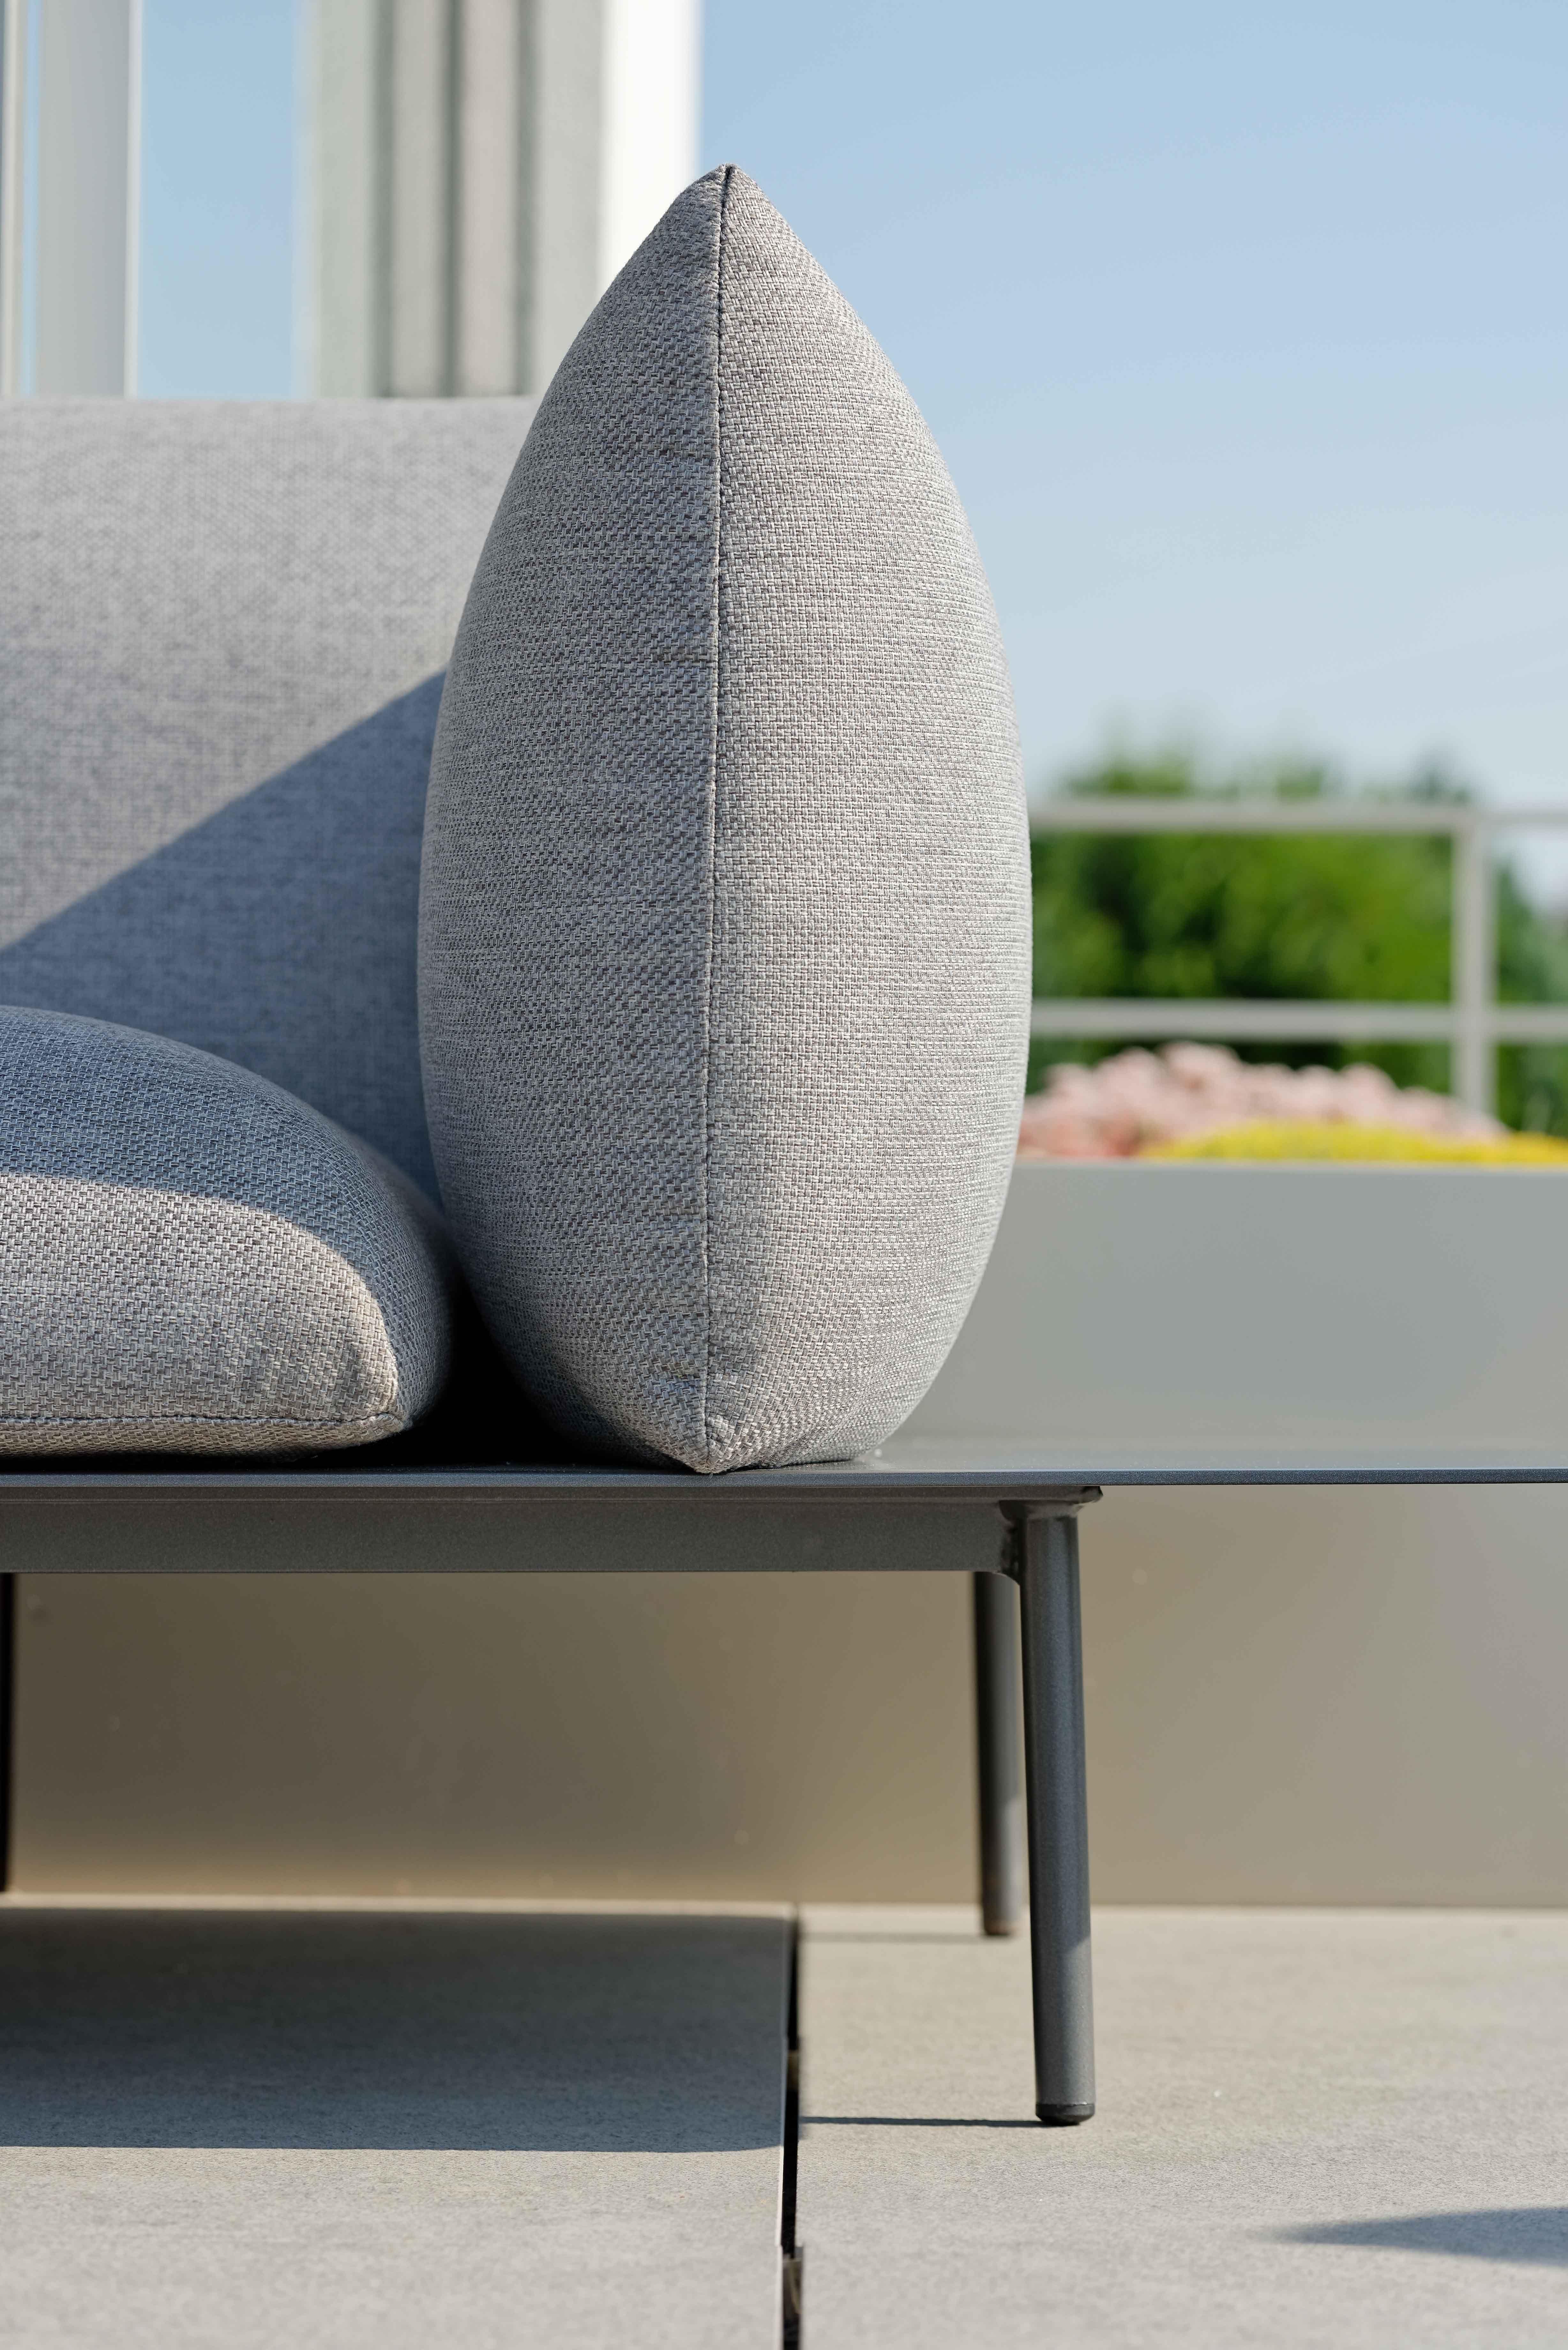 Hallo Outdoorkissen Auf Stilvoller Designerlounge Outfoorstoff Gartenmobelinspiration Gartenmobel Gartenundfreizeit Modernemob Mobel Lounge Gartenmobel